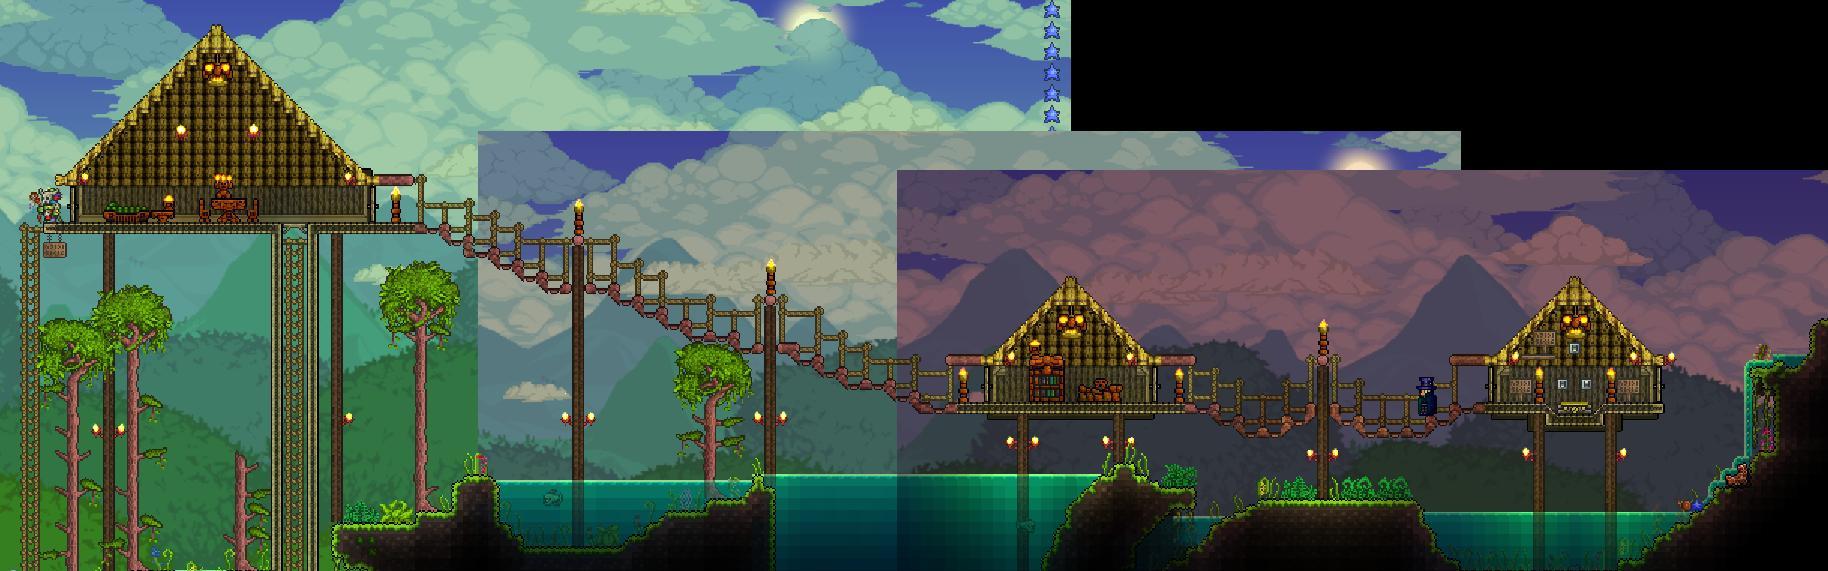 terraria how to build bridges